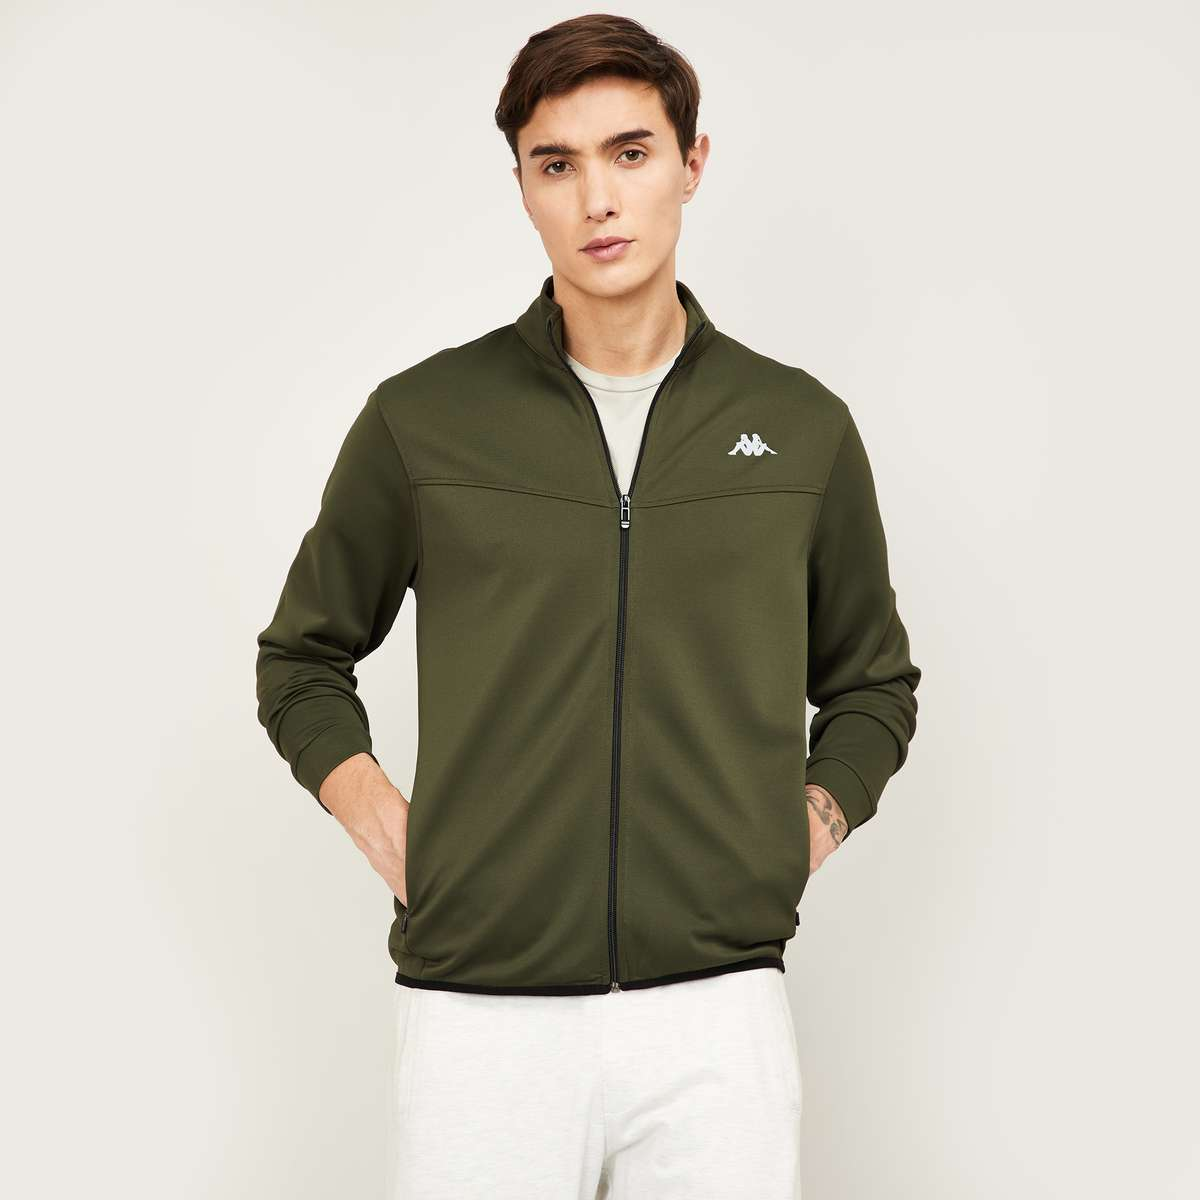 4.KAPPA Men Solid Full Sleeves Sweatshirt